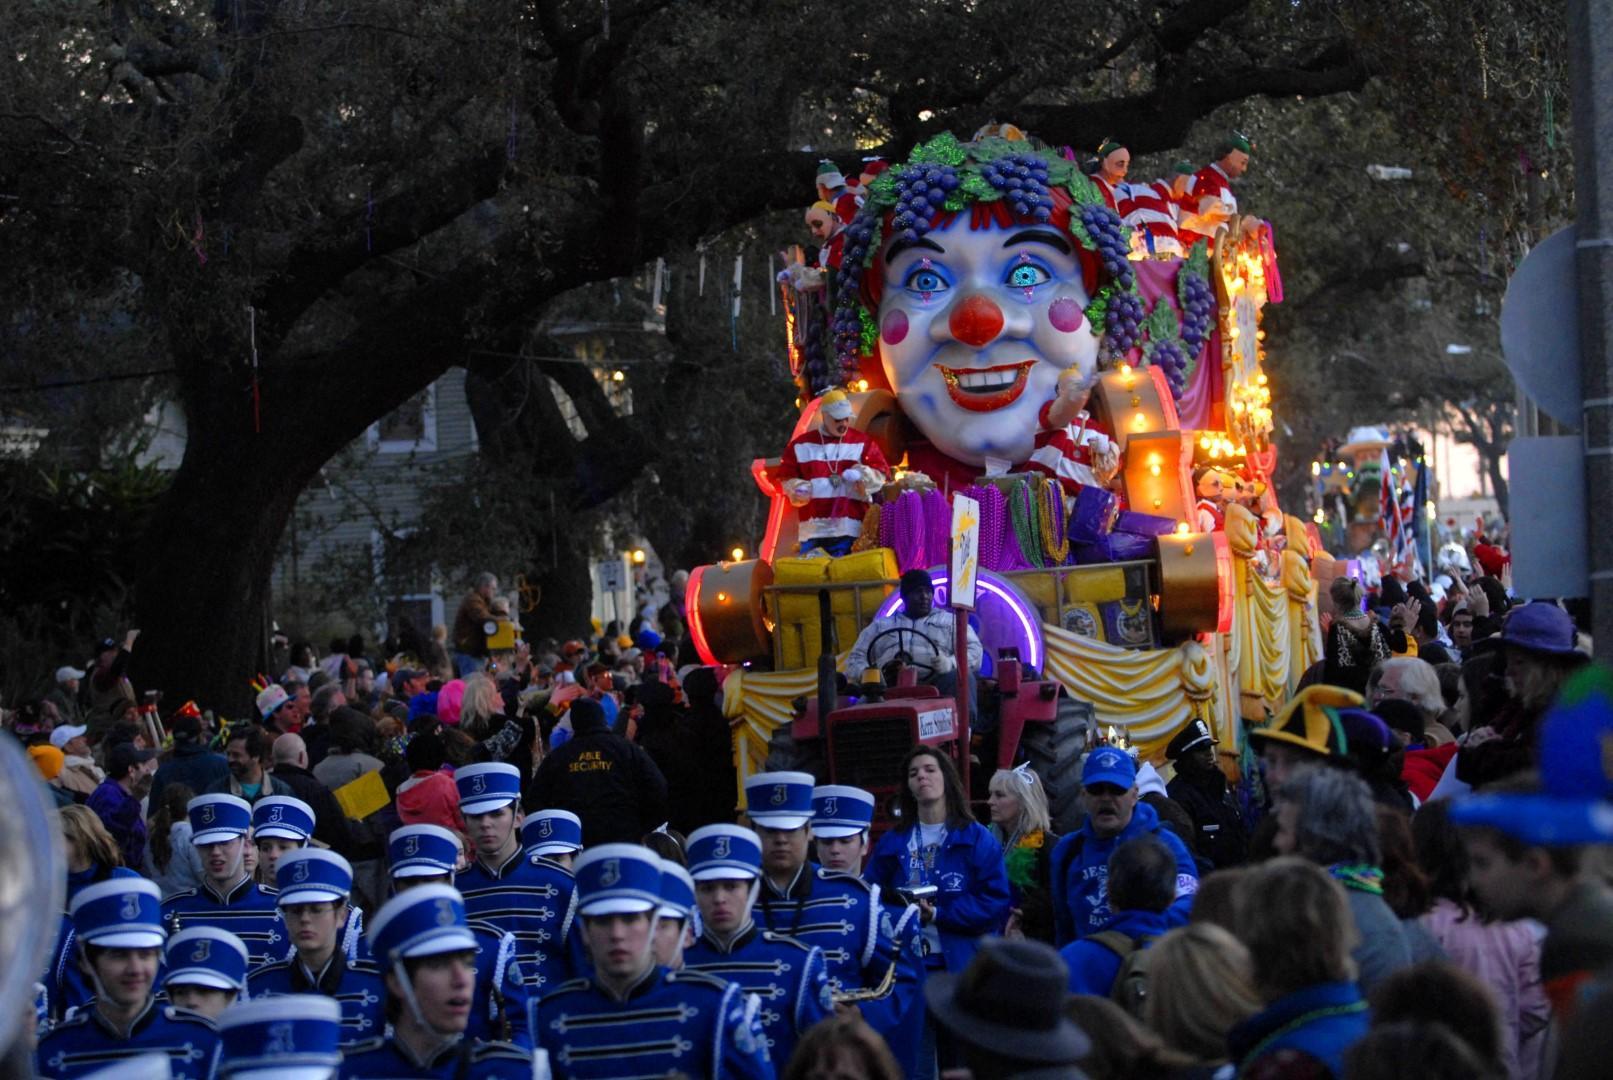 Parate al ritmo di jazz: è il Mardi Gras di New Orleans